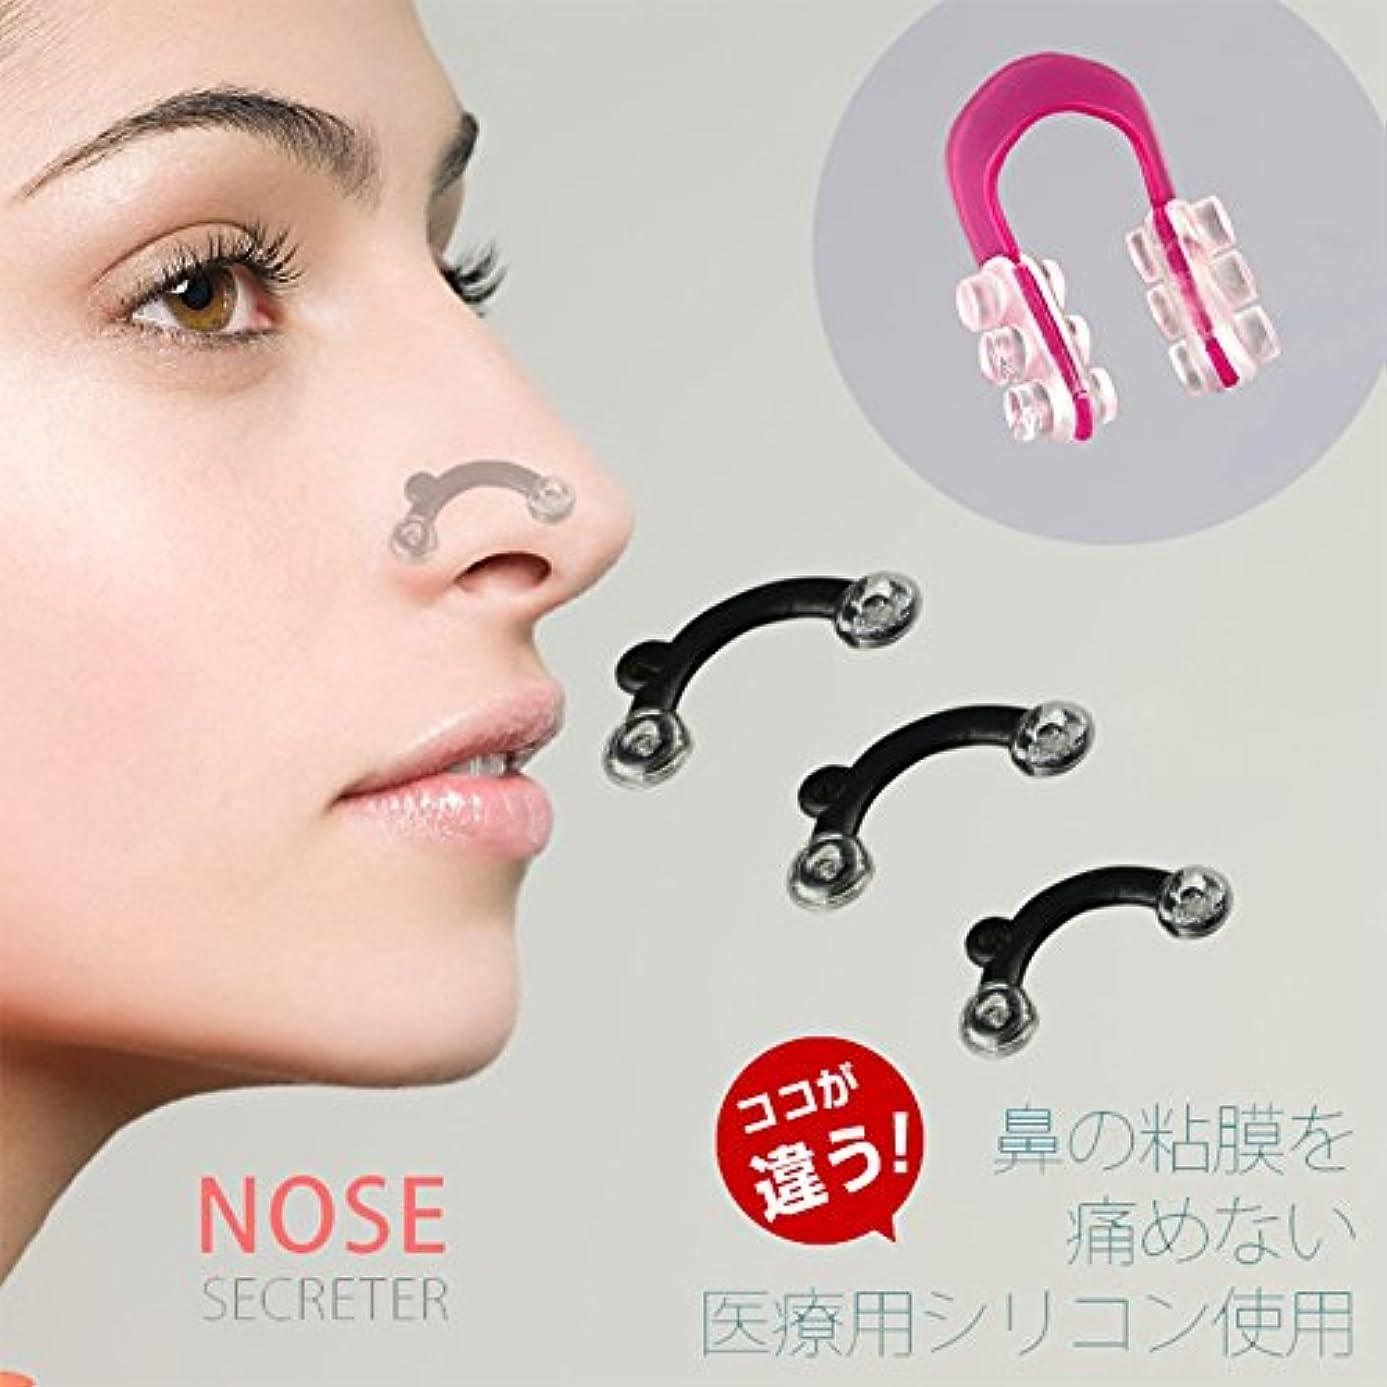 クラックポット爵分割MR 4点セット 小顔効果 ノーズチャーム プチ整形 3サイズ コスメ 韓国 ファッション MR-NOSECHARM